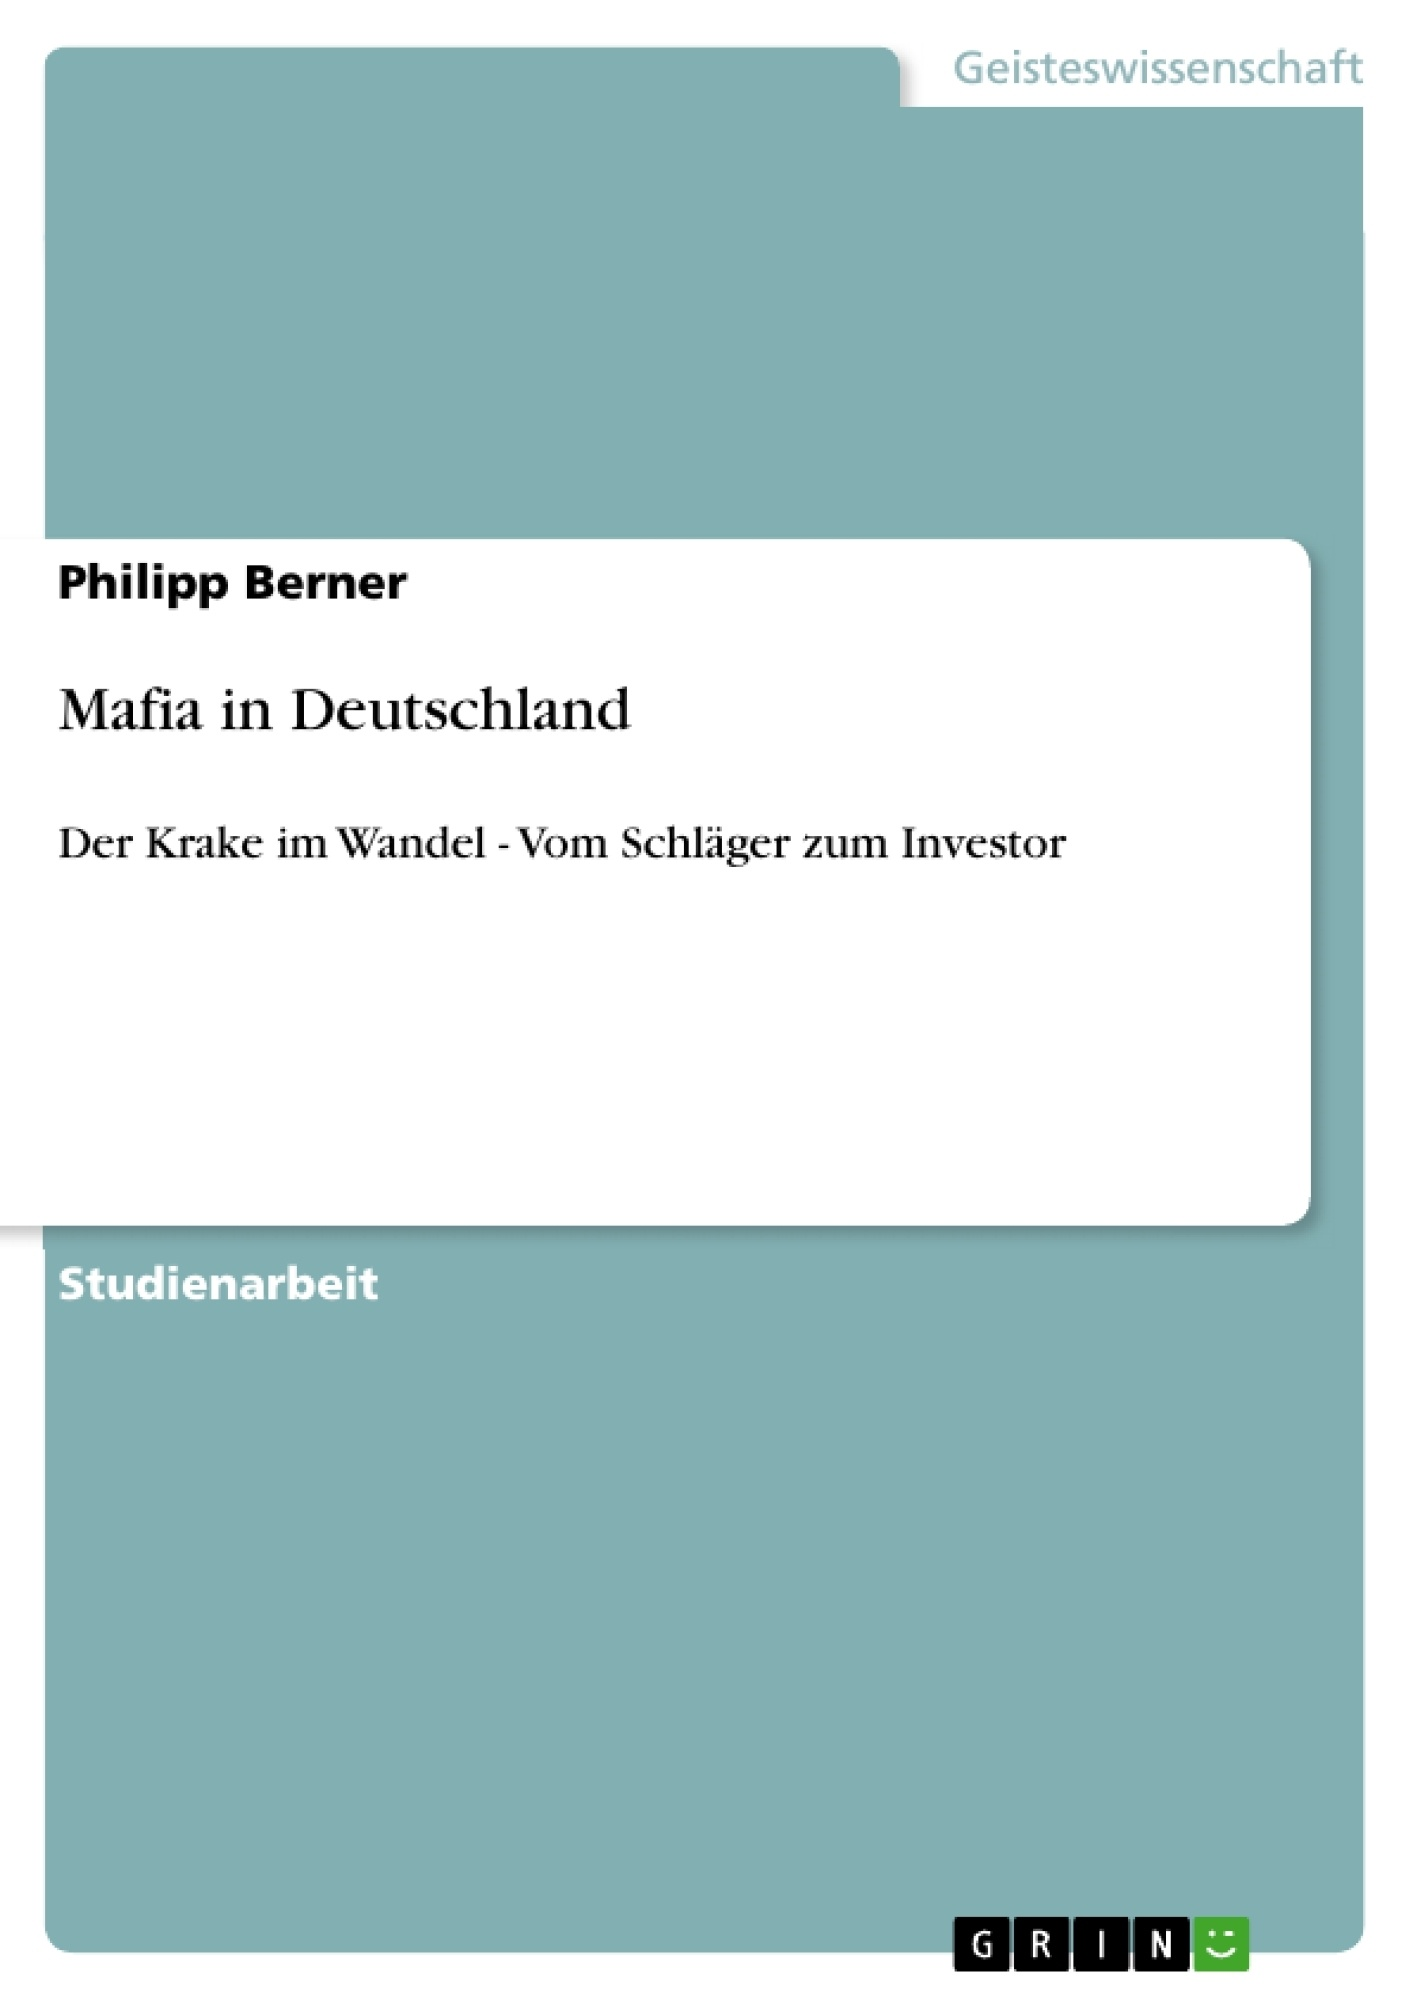 Titel: Mafia in Deutschland